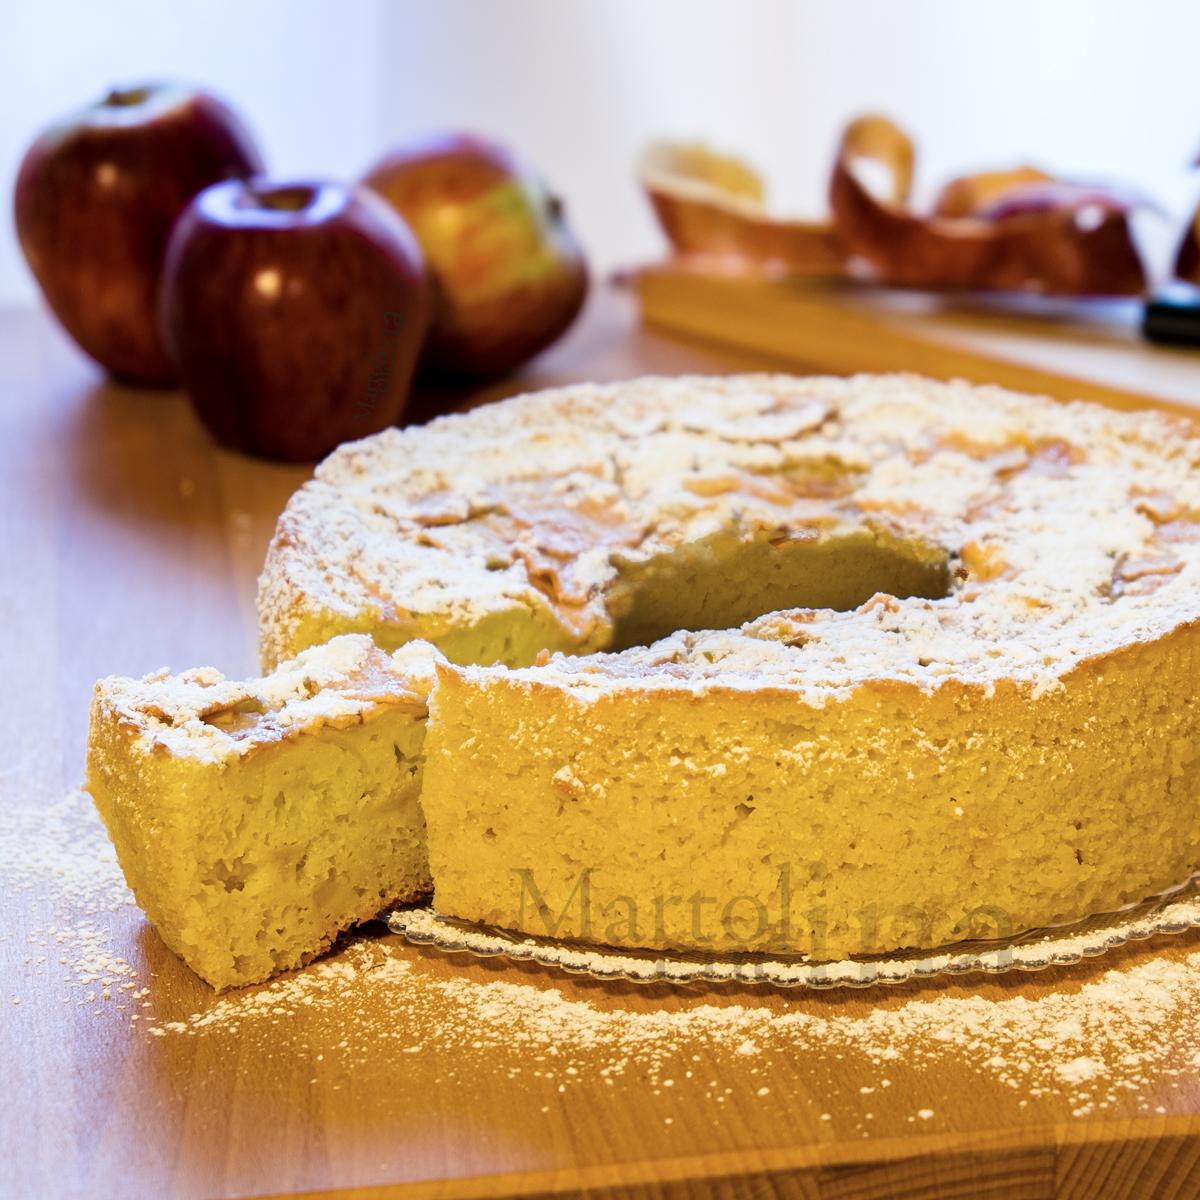 Torta-di-mele-ricotta-no-burro-olio-trad-e-Versilia-1200x1200